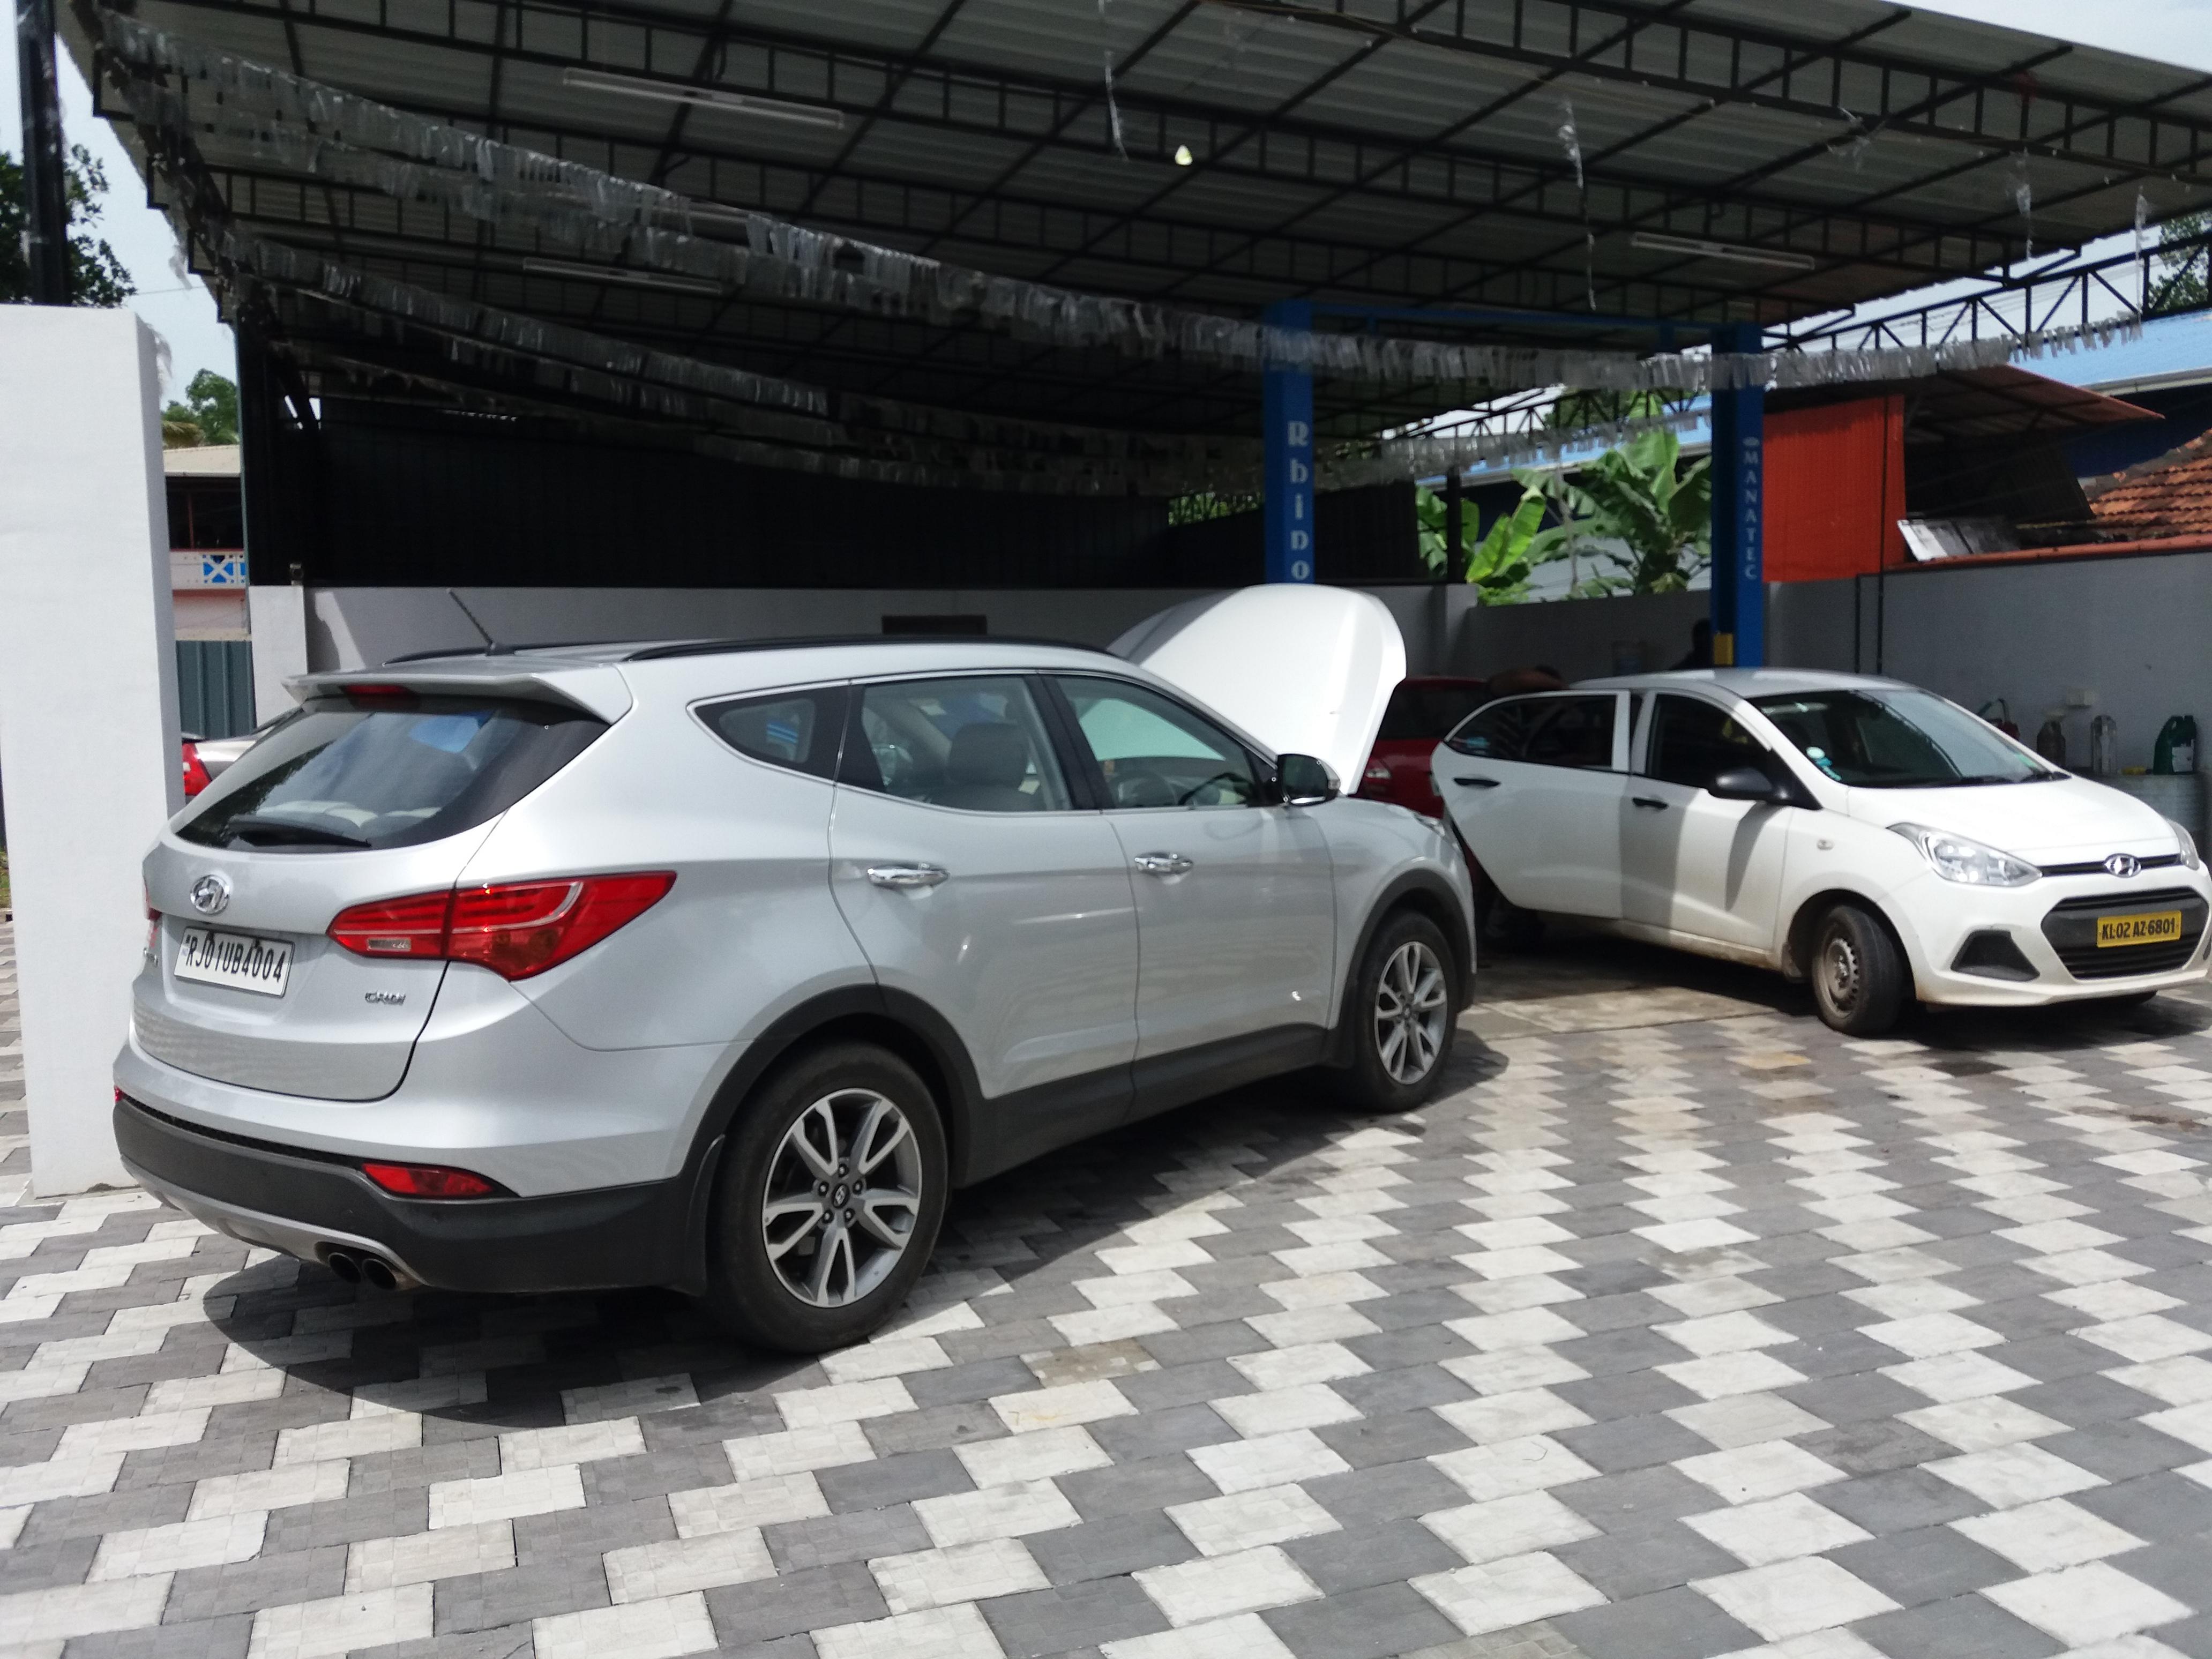 Hyundai Santafe service center in ernakulam (4)